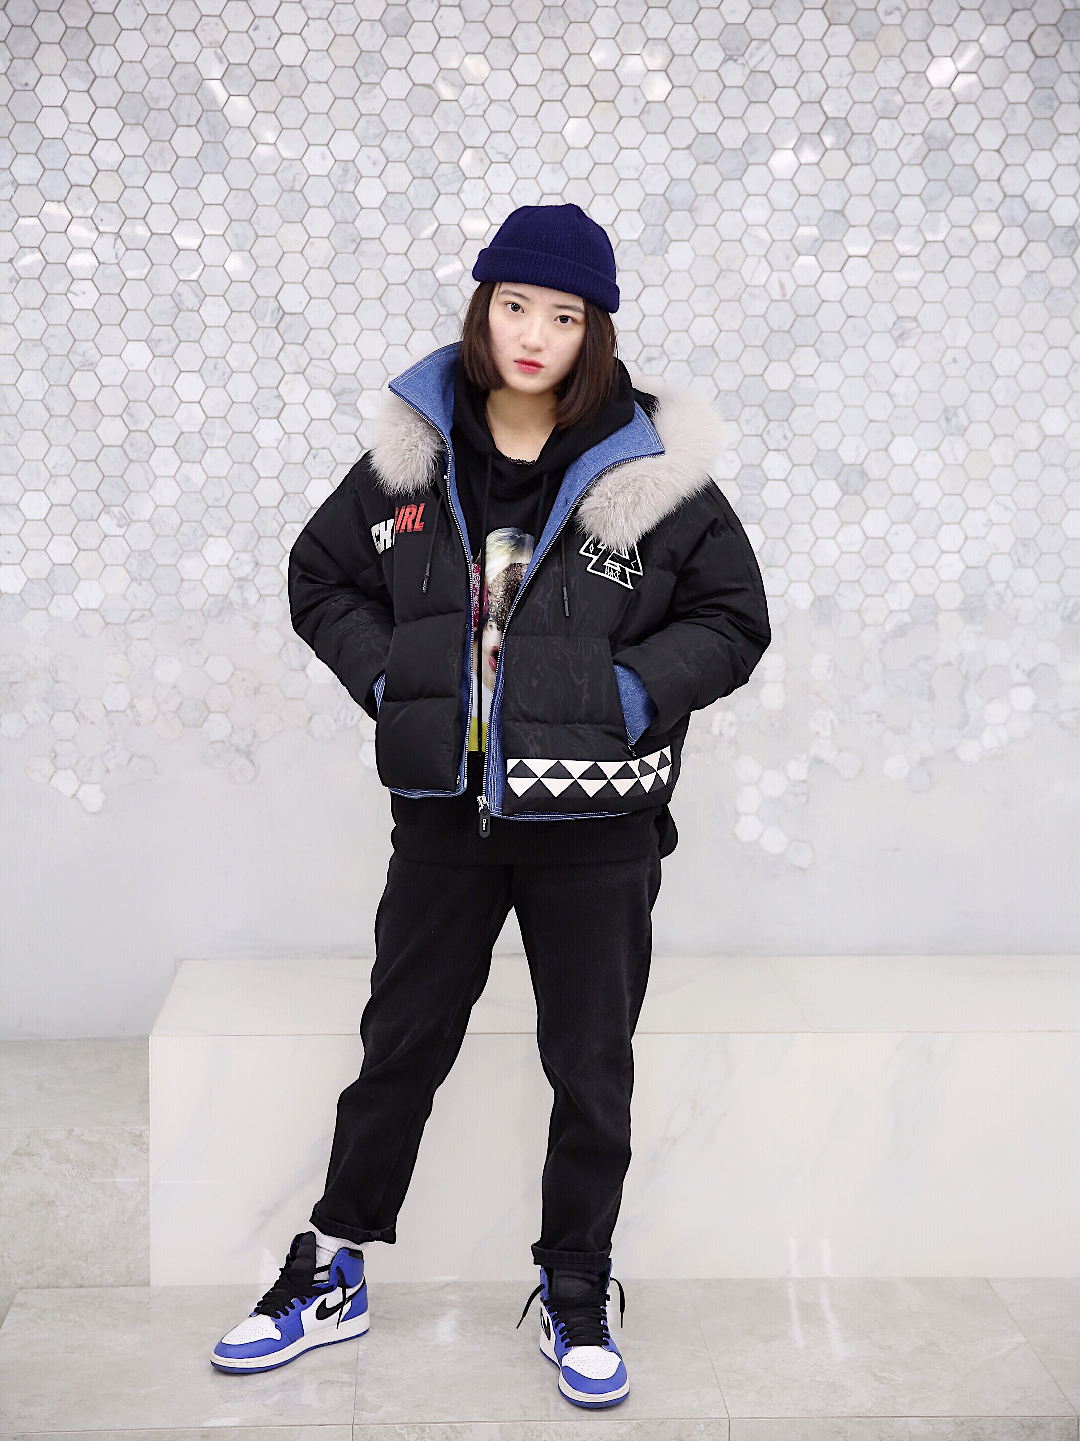 上身是一件黑色印花卫衣内搭 搭配一件羽绒服外套 下身是一条黑色牛仔裤 戴上一顶藏青色冷帽 这样一身颜色很搭 还有点酷酷#羽绒服比感冒药划算,保命要紧!#